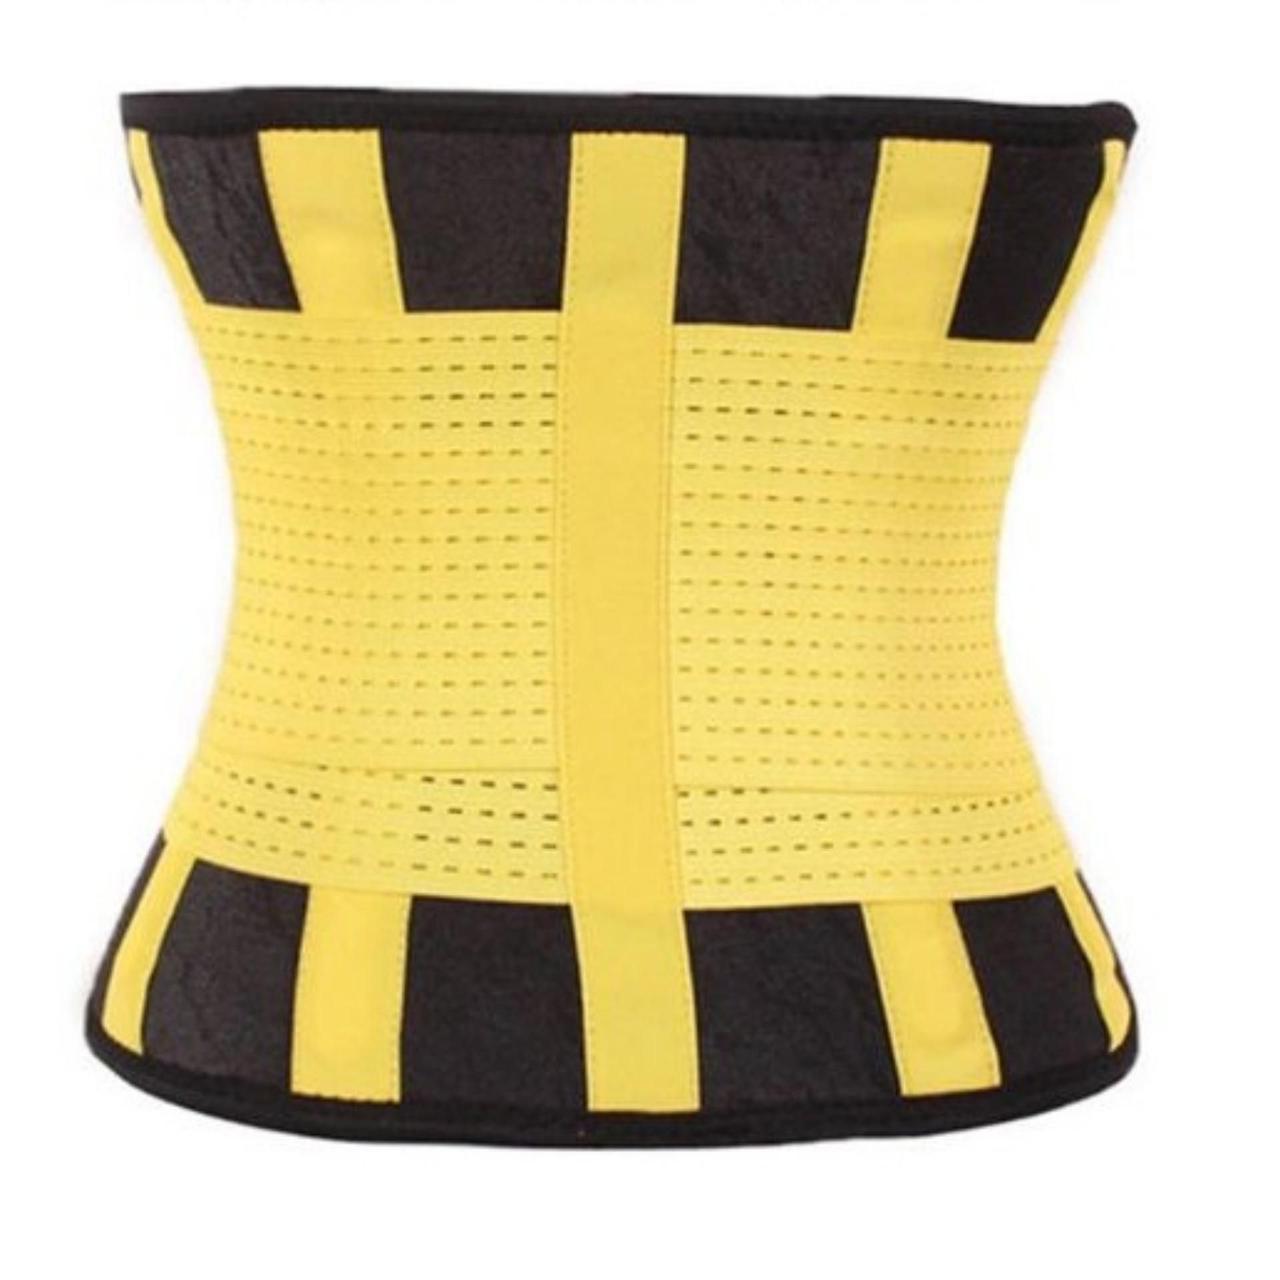 Пояс для похудения Hot Shapers Extreme Belt / Хот Шейперс экстрим белт / Пояс для похудения живота и талии